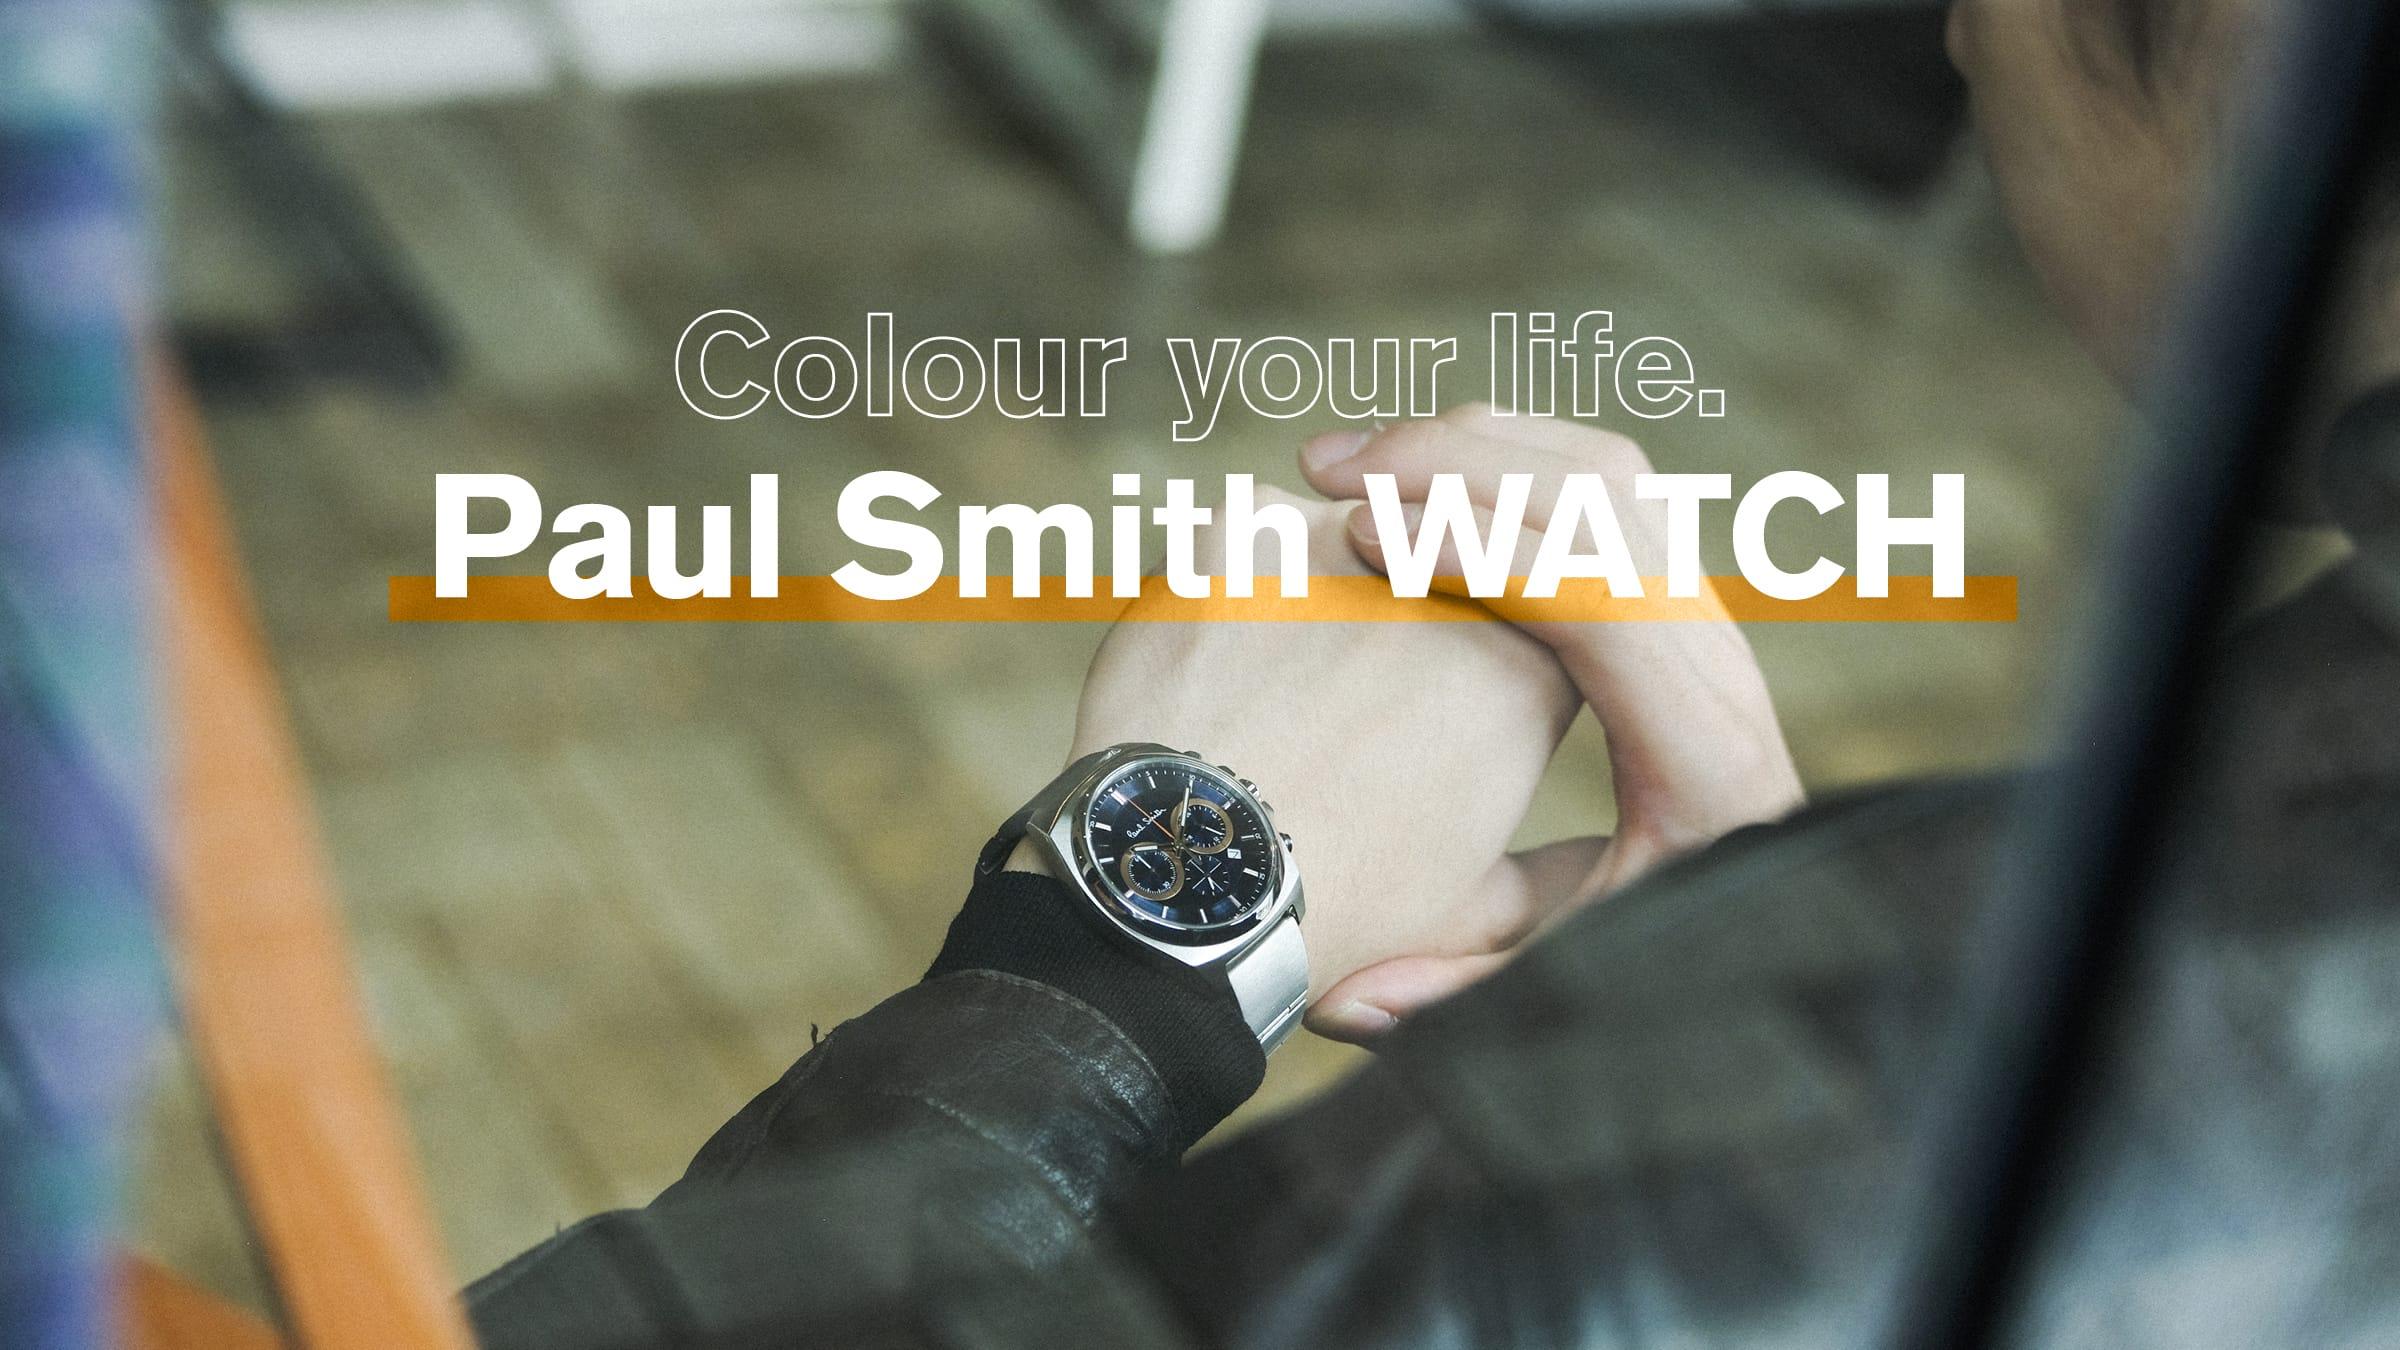 何気ない日常に彩りをプラス。ポール・スミスのウオッチで飾る鮮やかな腕元。